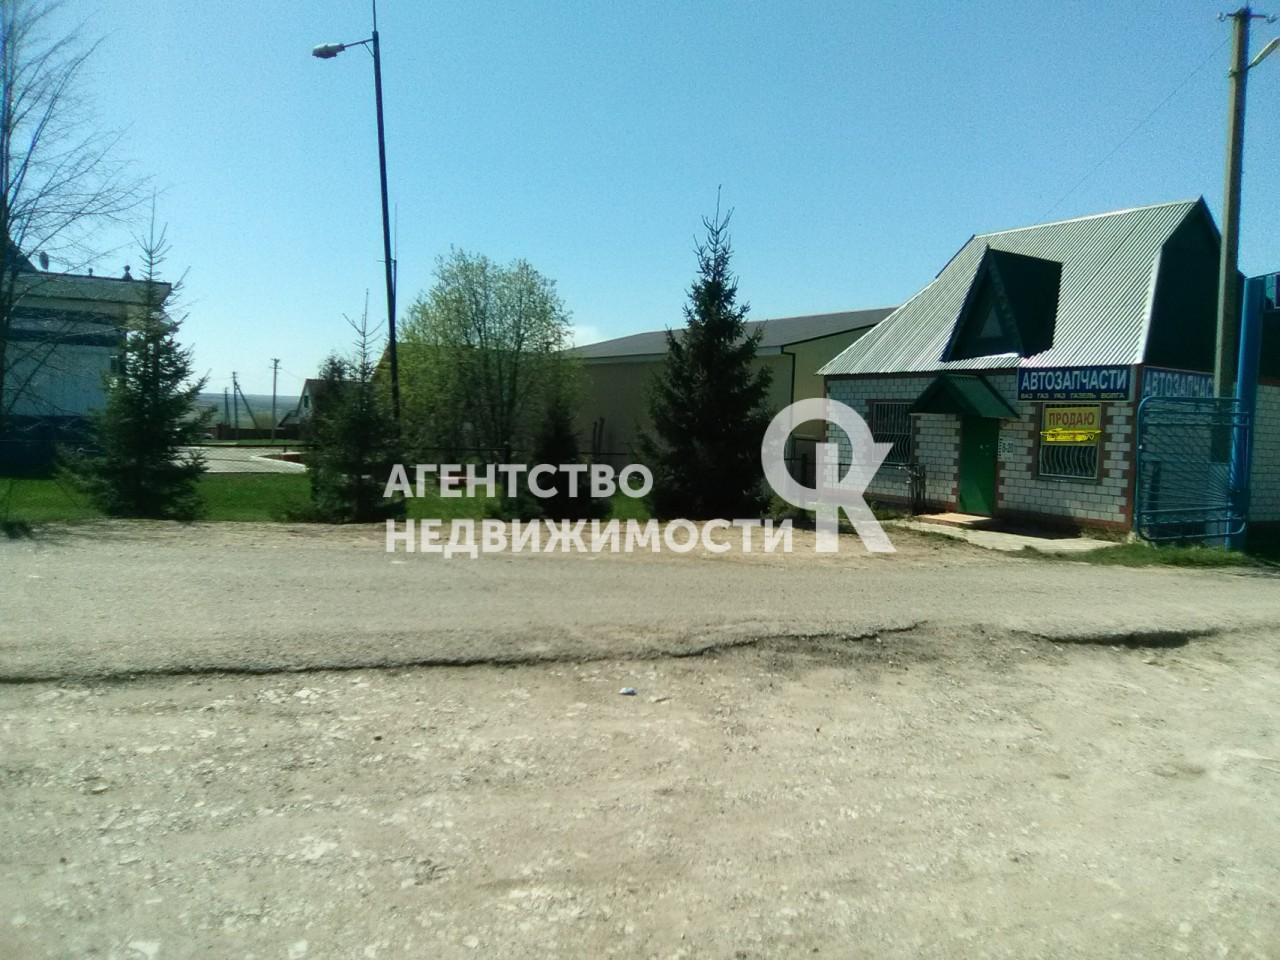 Продажа  готового бизнеса Республика Татарстан, г. Арск, Комсомольская ул.